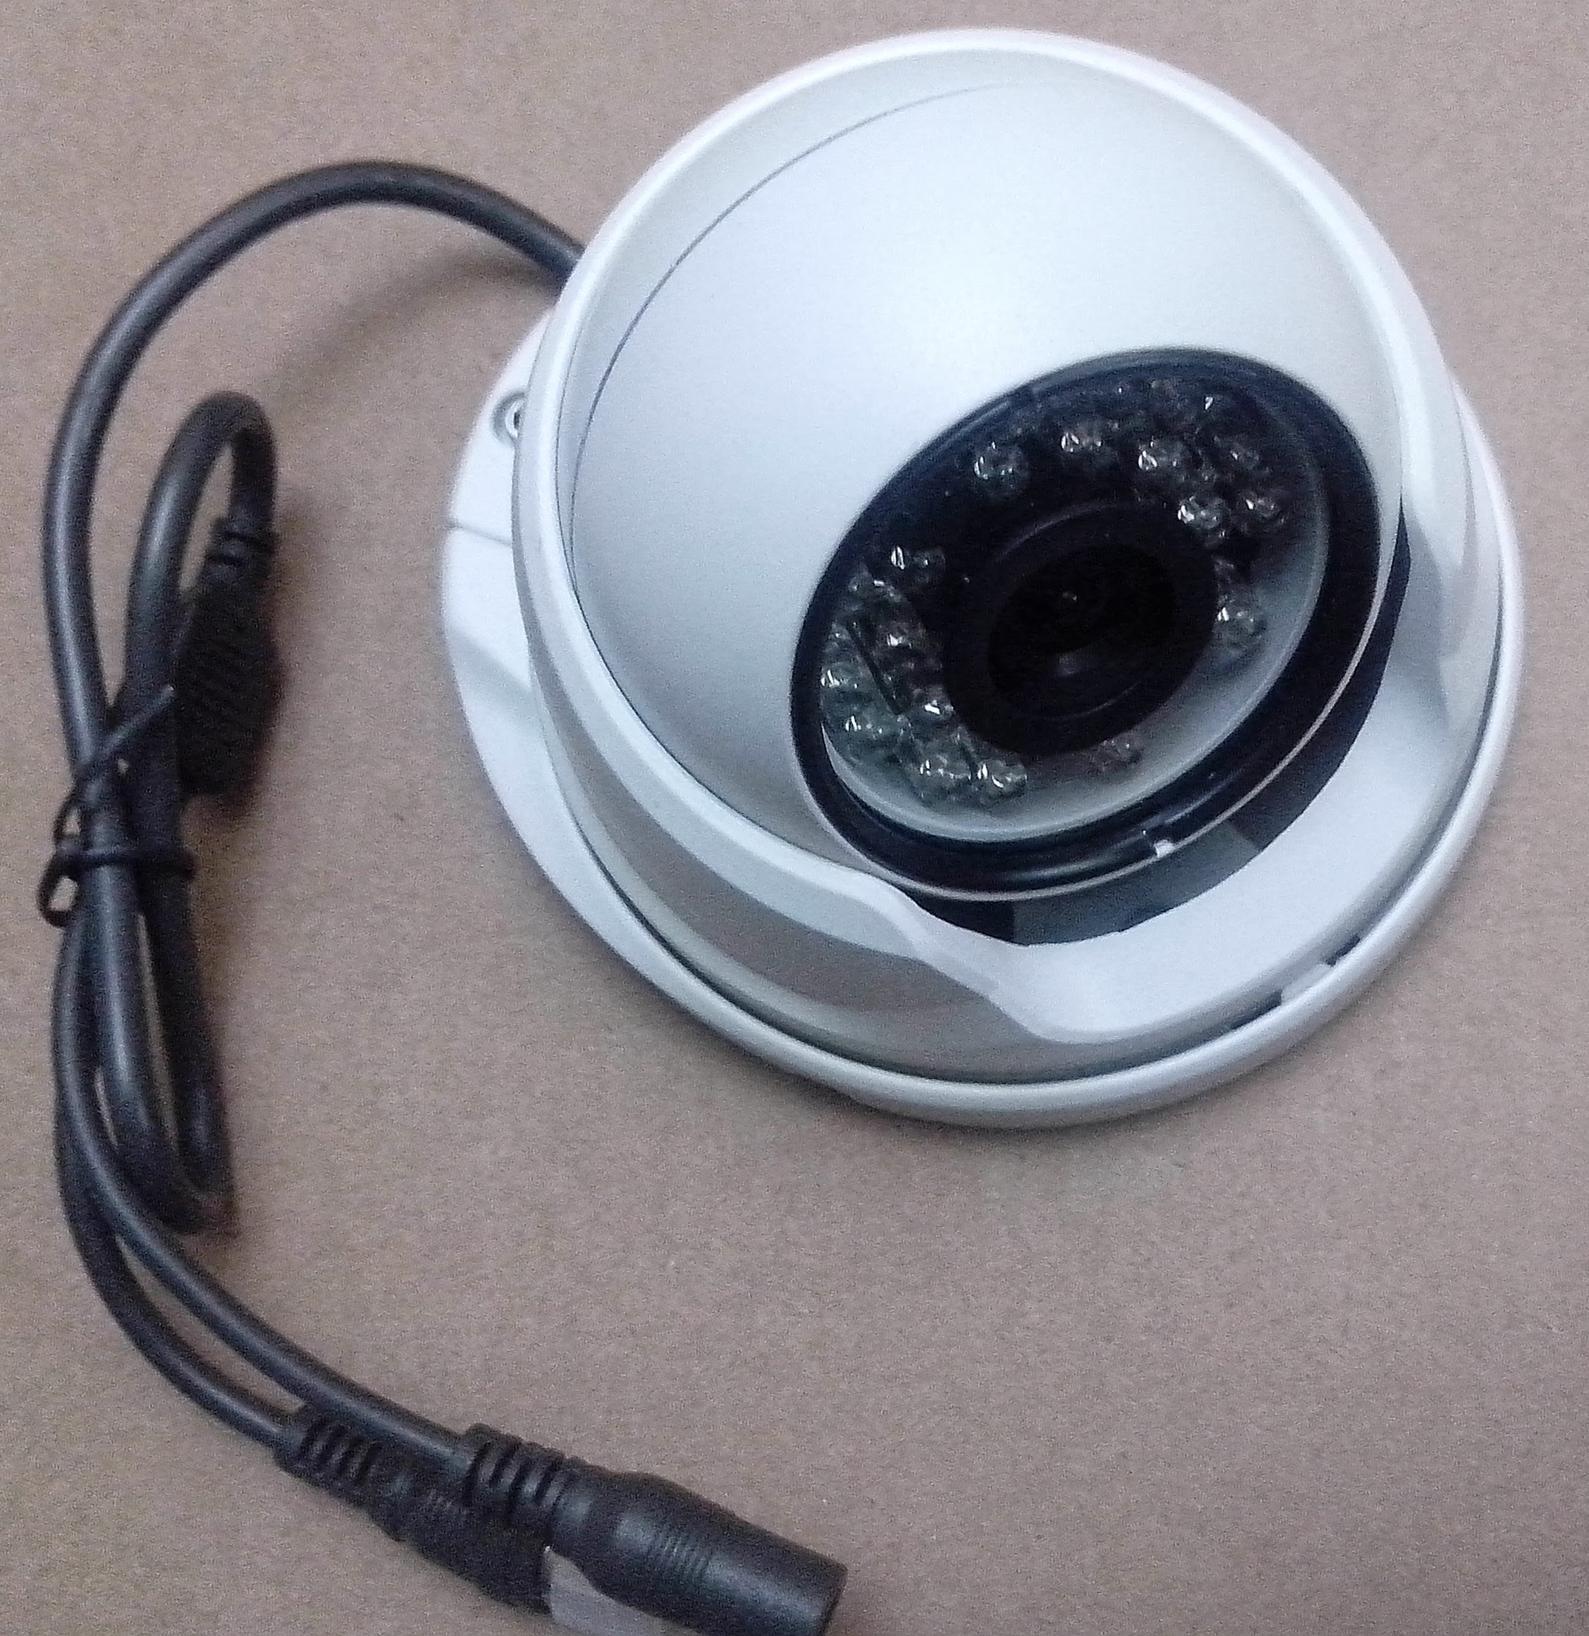 Видеонаблюдение на 4 камеры в картинках